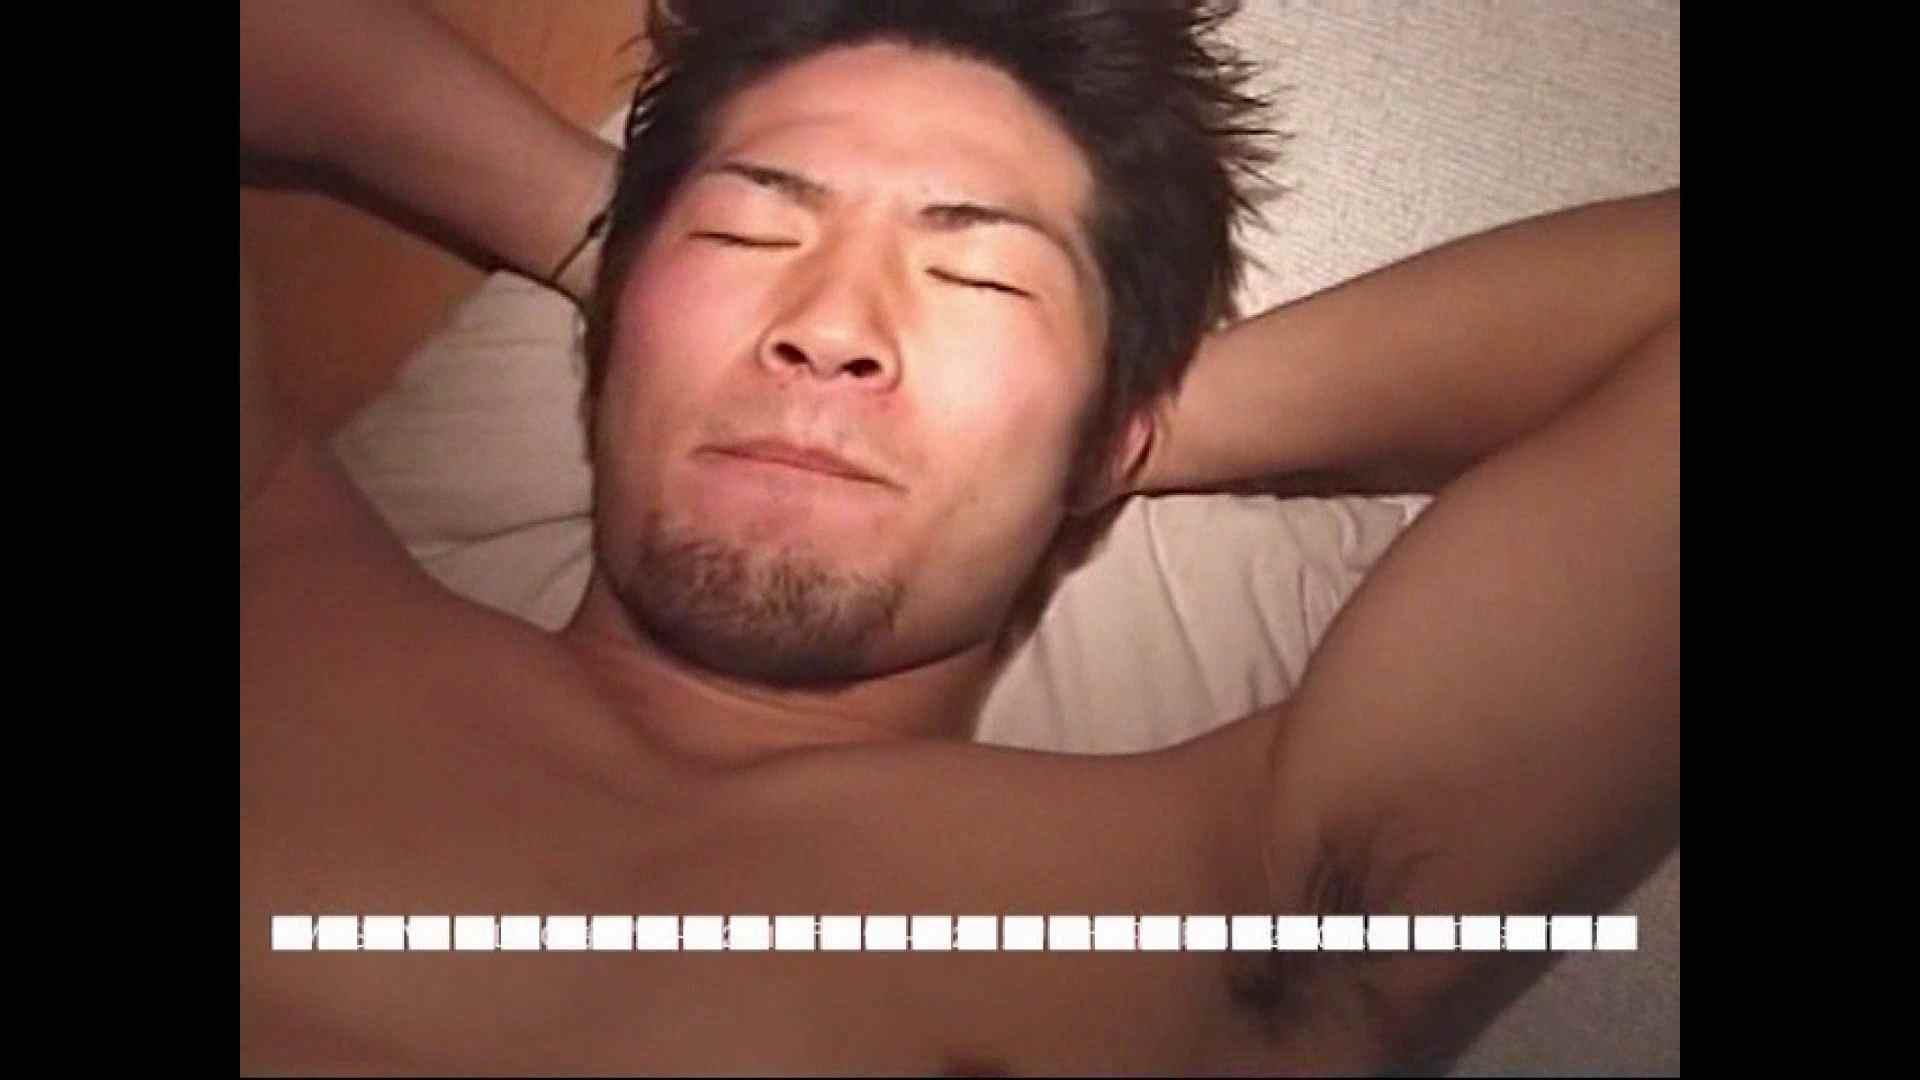 オナれ!集まれ!イケてるメンズ達!!File.20 男天国 | ノンケボーイズ  97pic 84